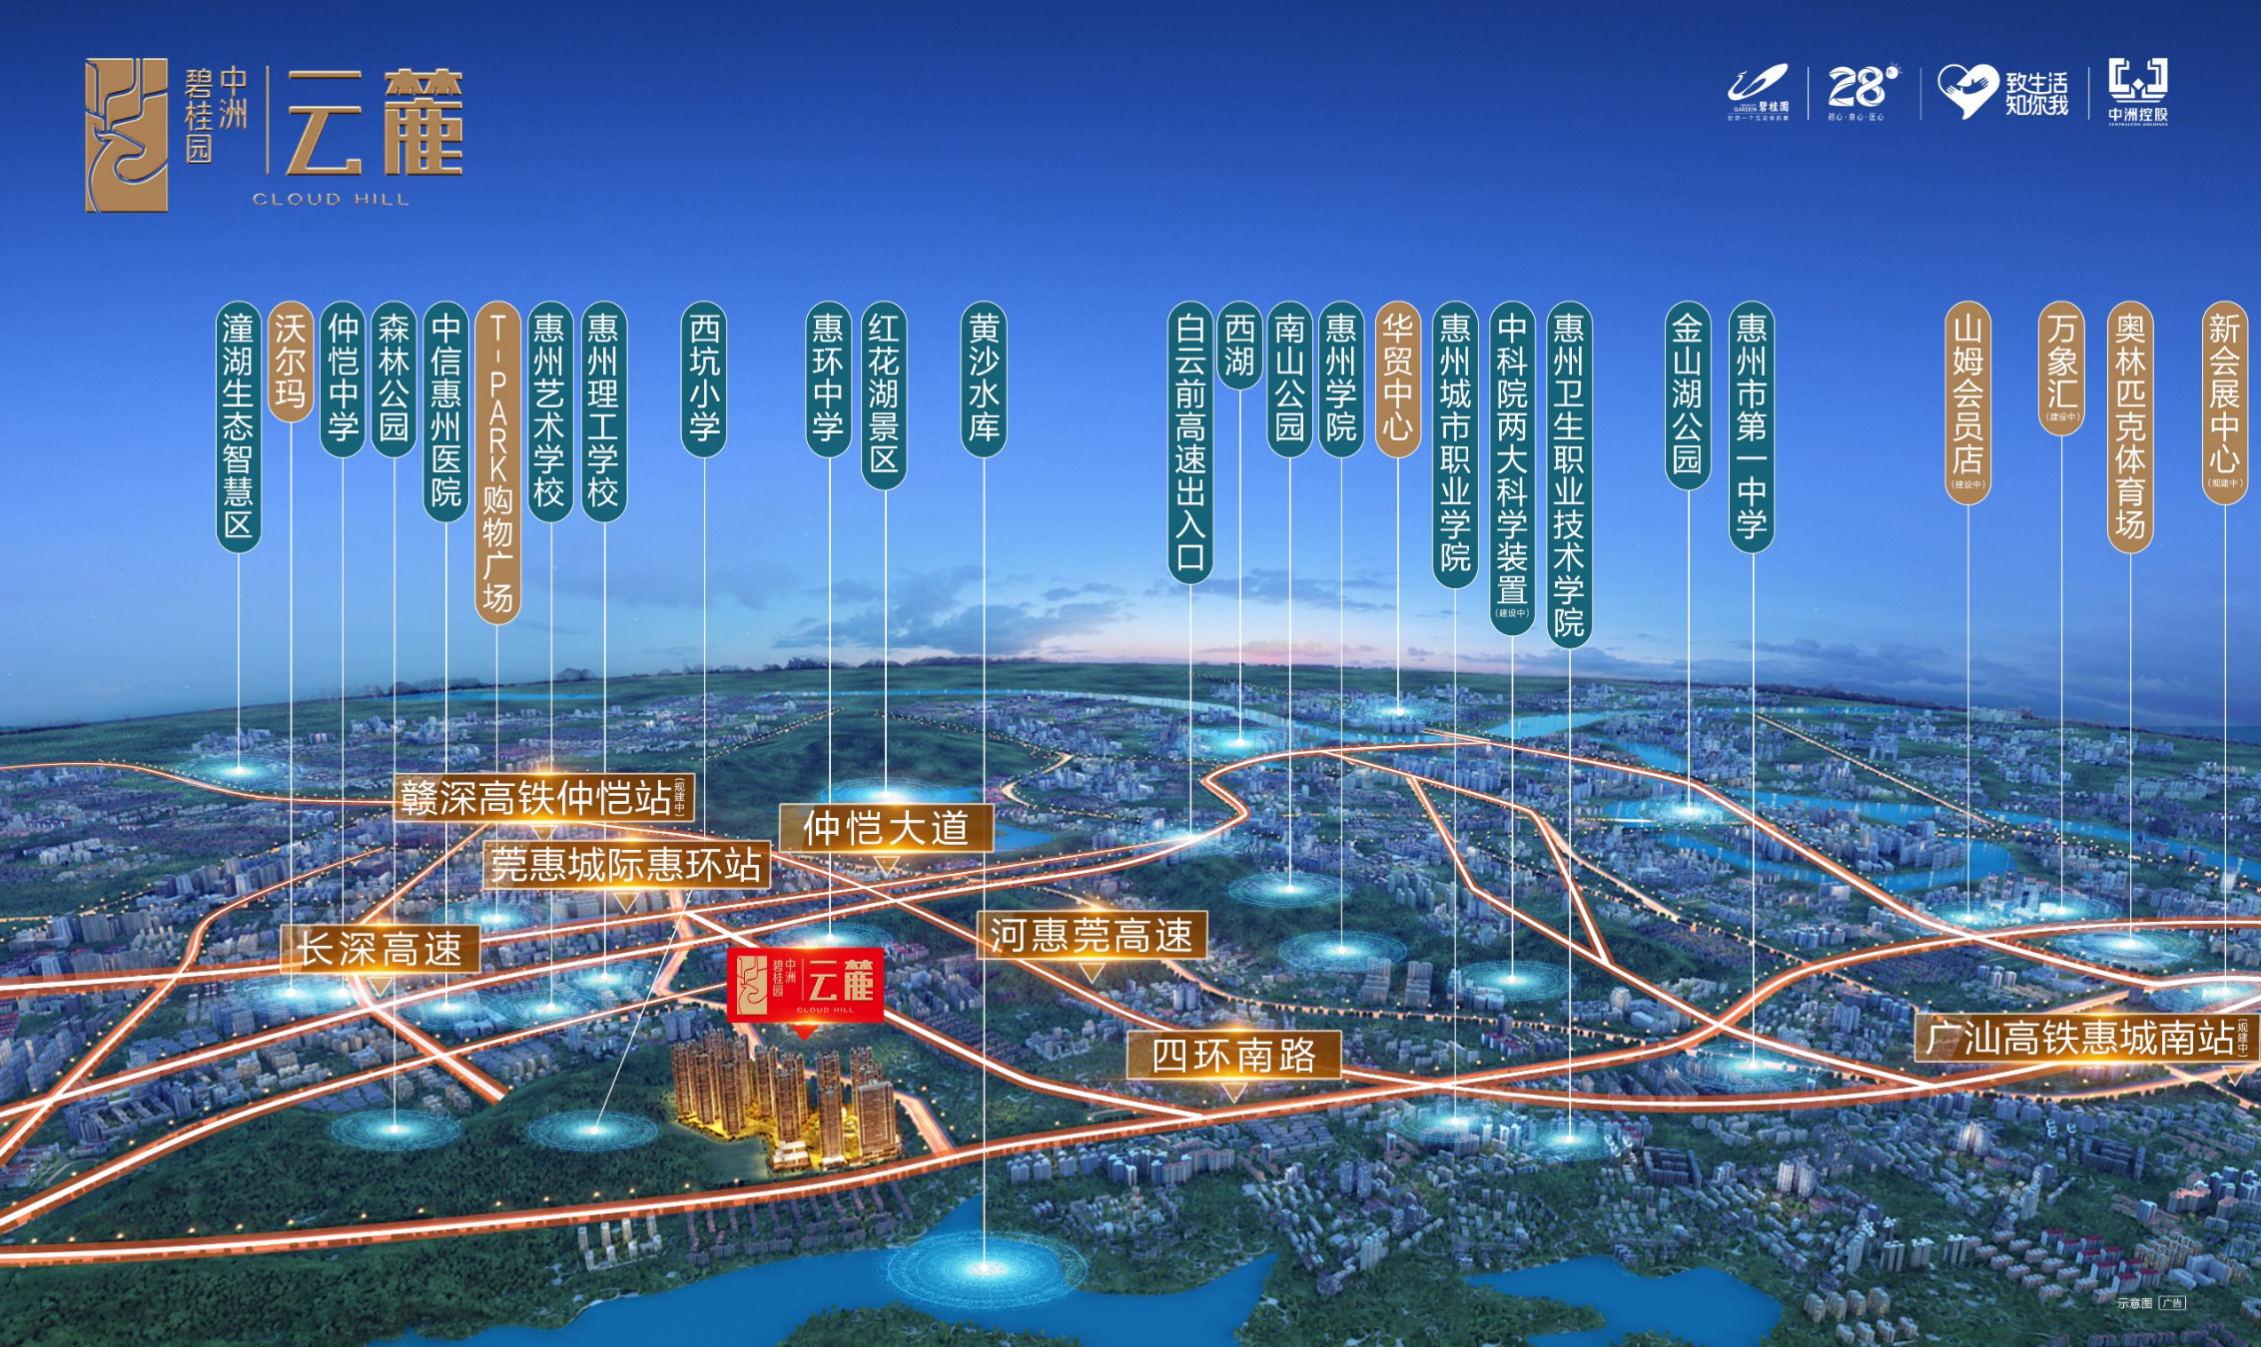 惠州碧桂园中洲云麓花园区域图